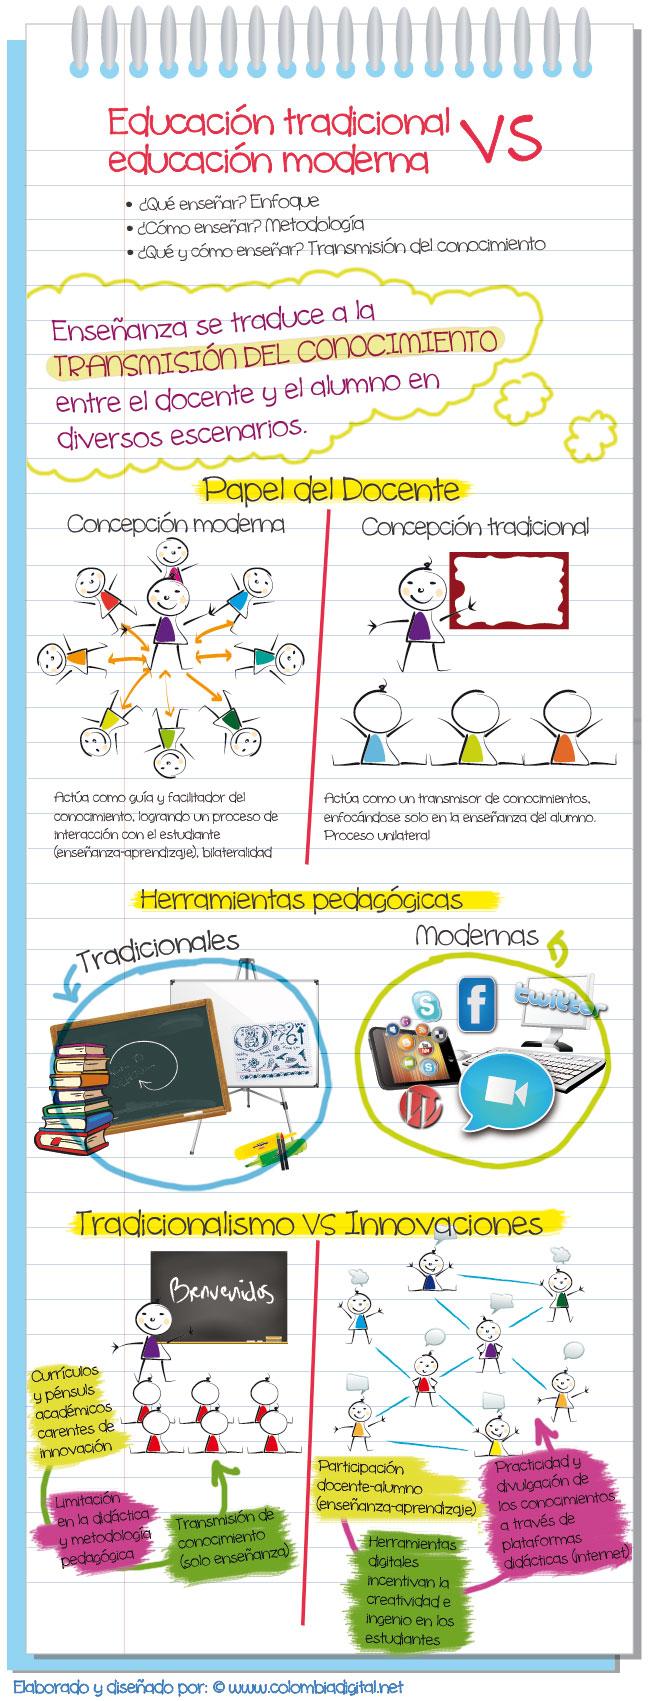 Educación-tradicional-vs-educación-moderna